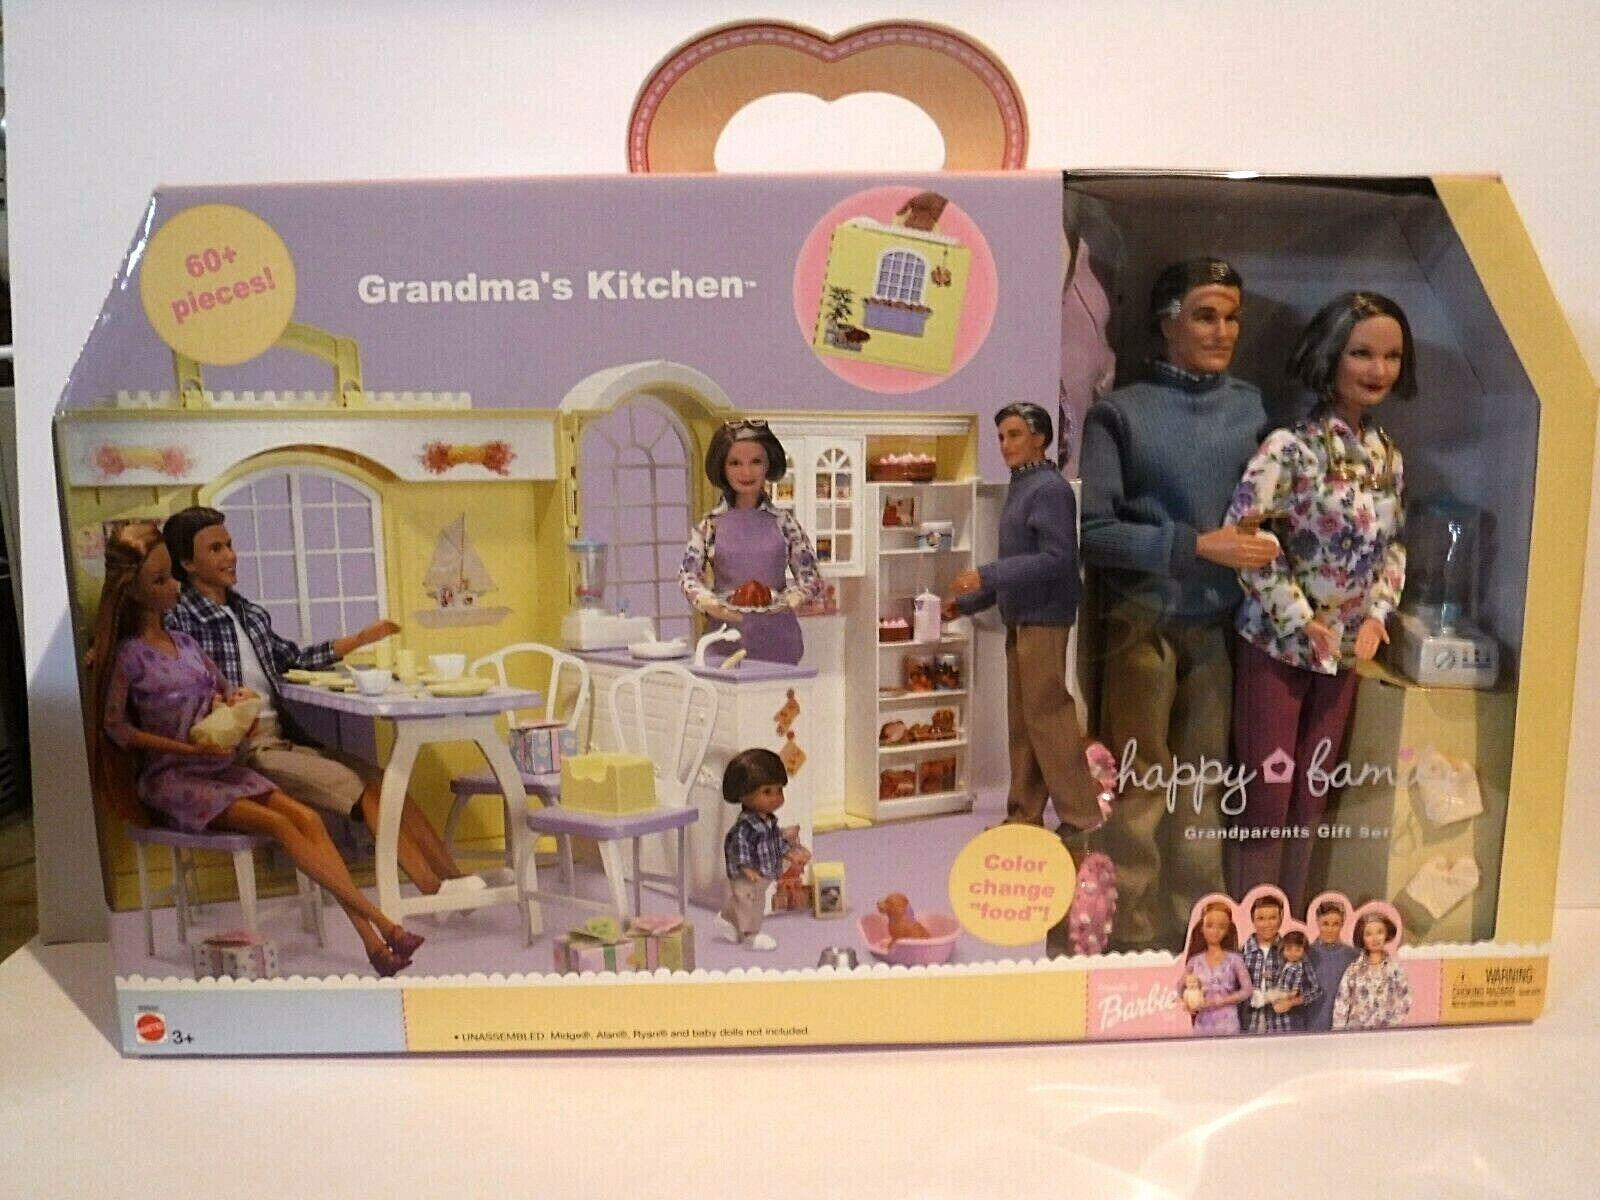 Nueva familia feliz Cocina De La Abuela-abuelos Conjunto de Regalo -2003 - Barbie-mnrfb